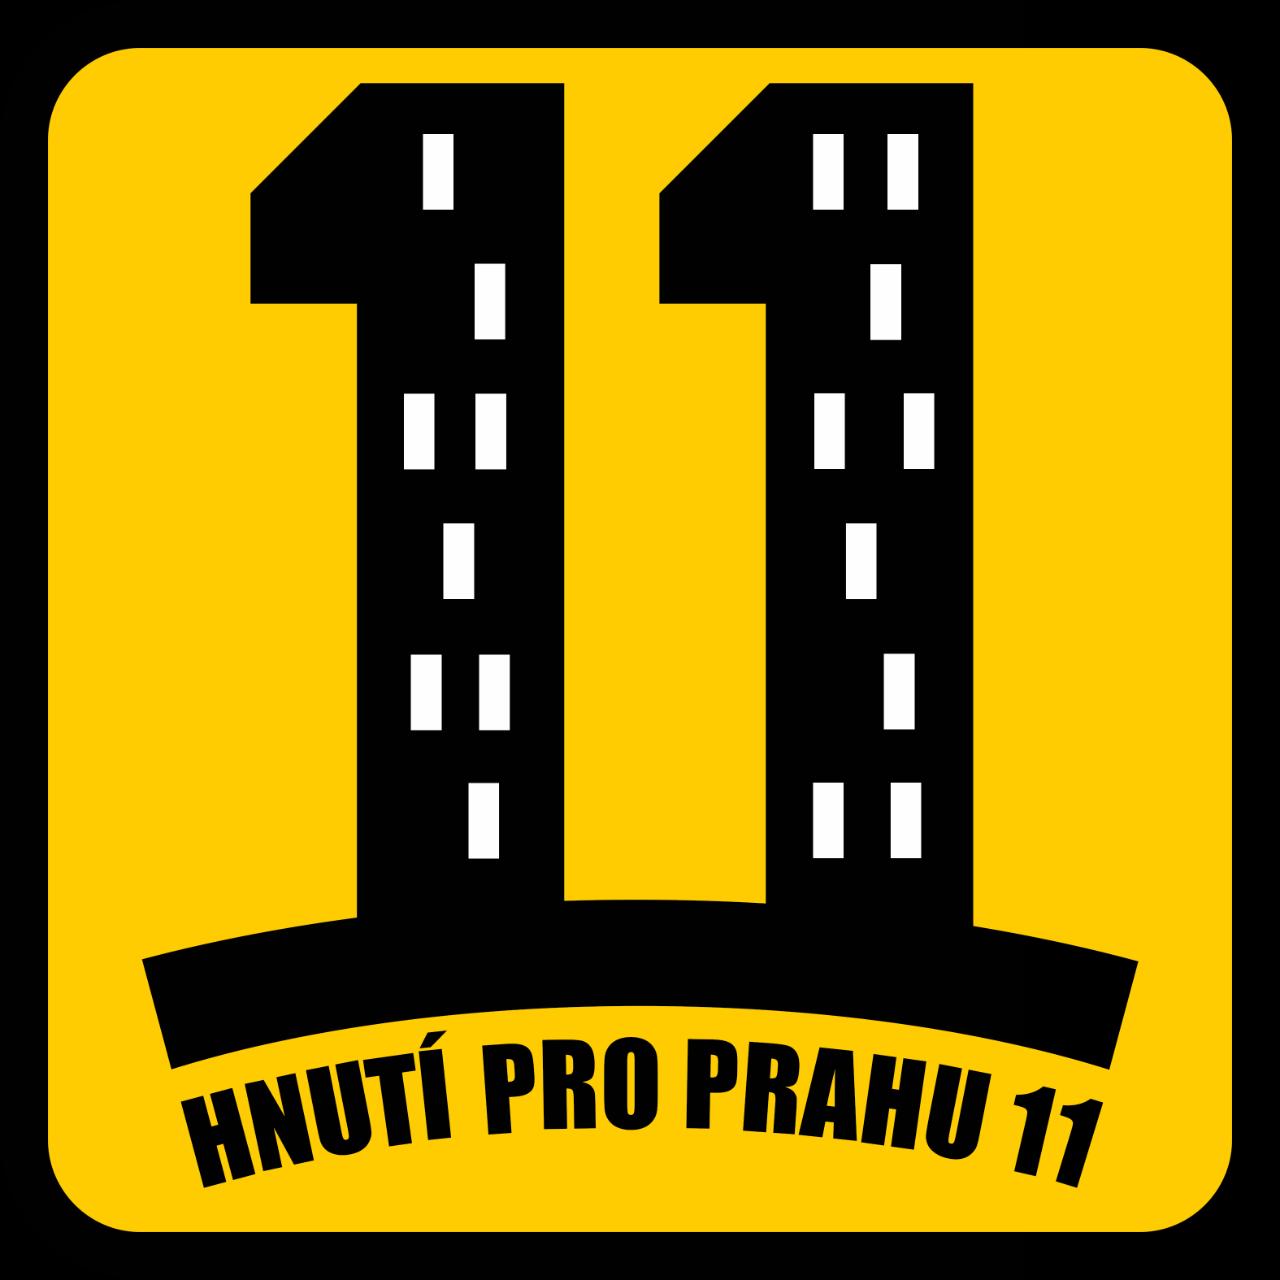 Hnutí pro Prahu 11